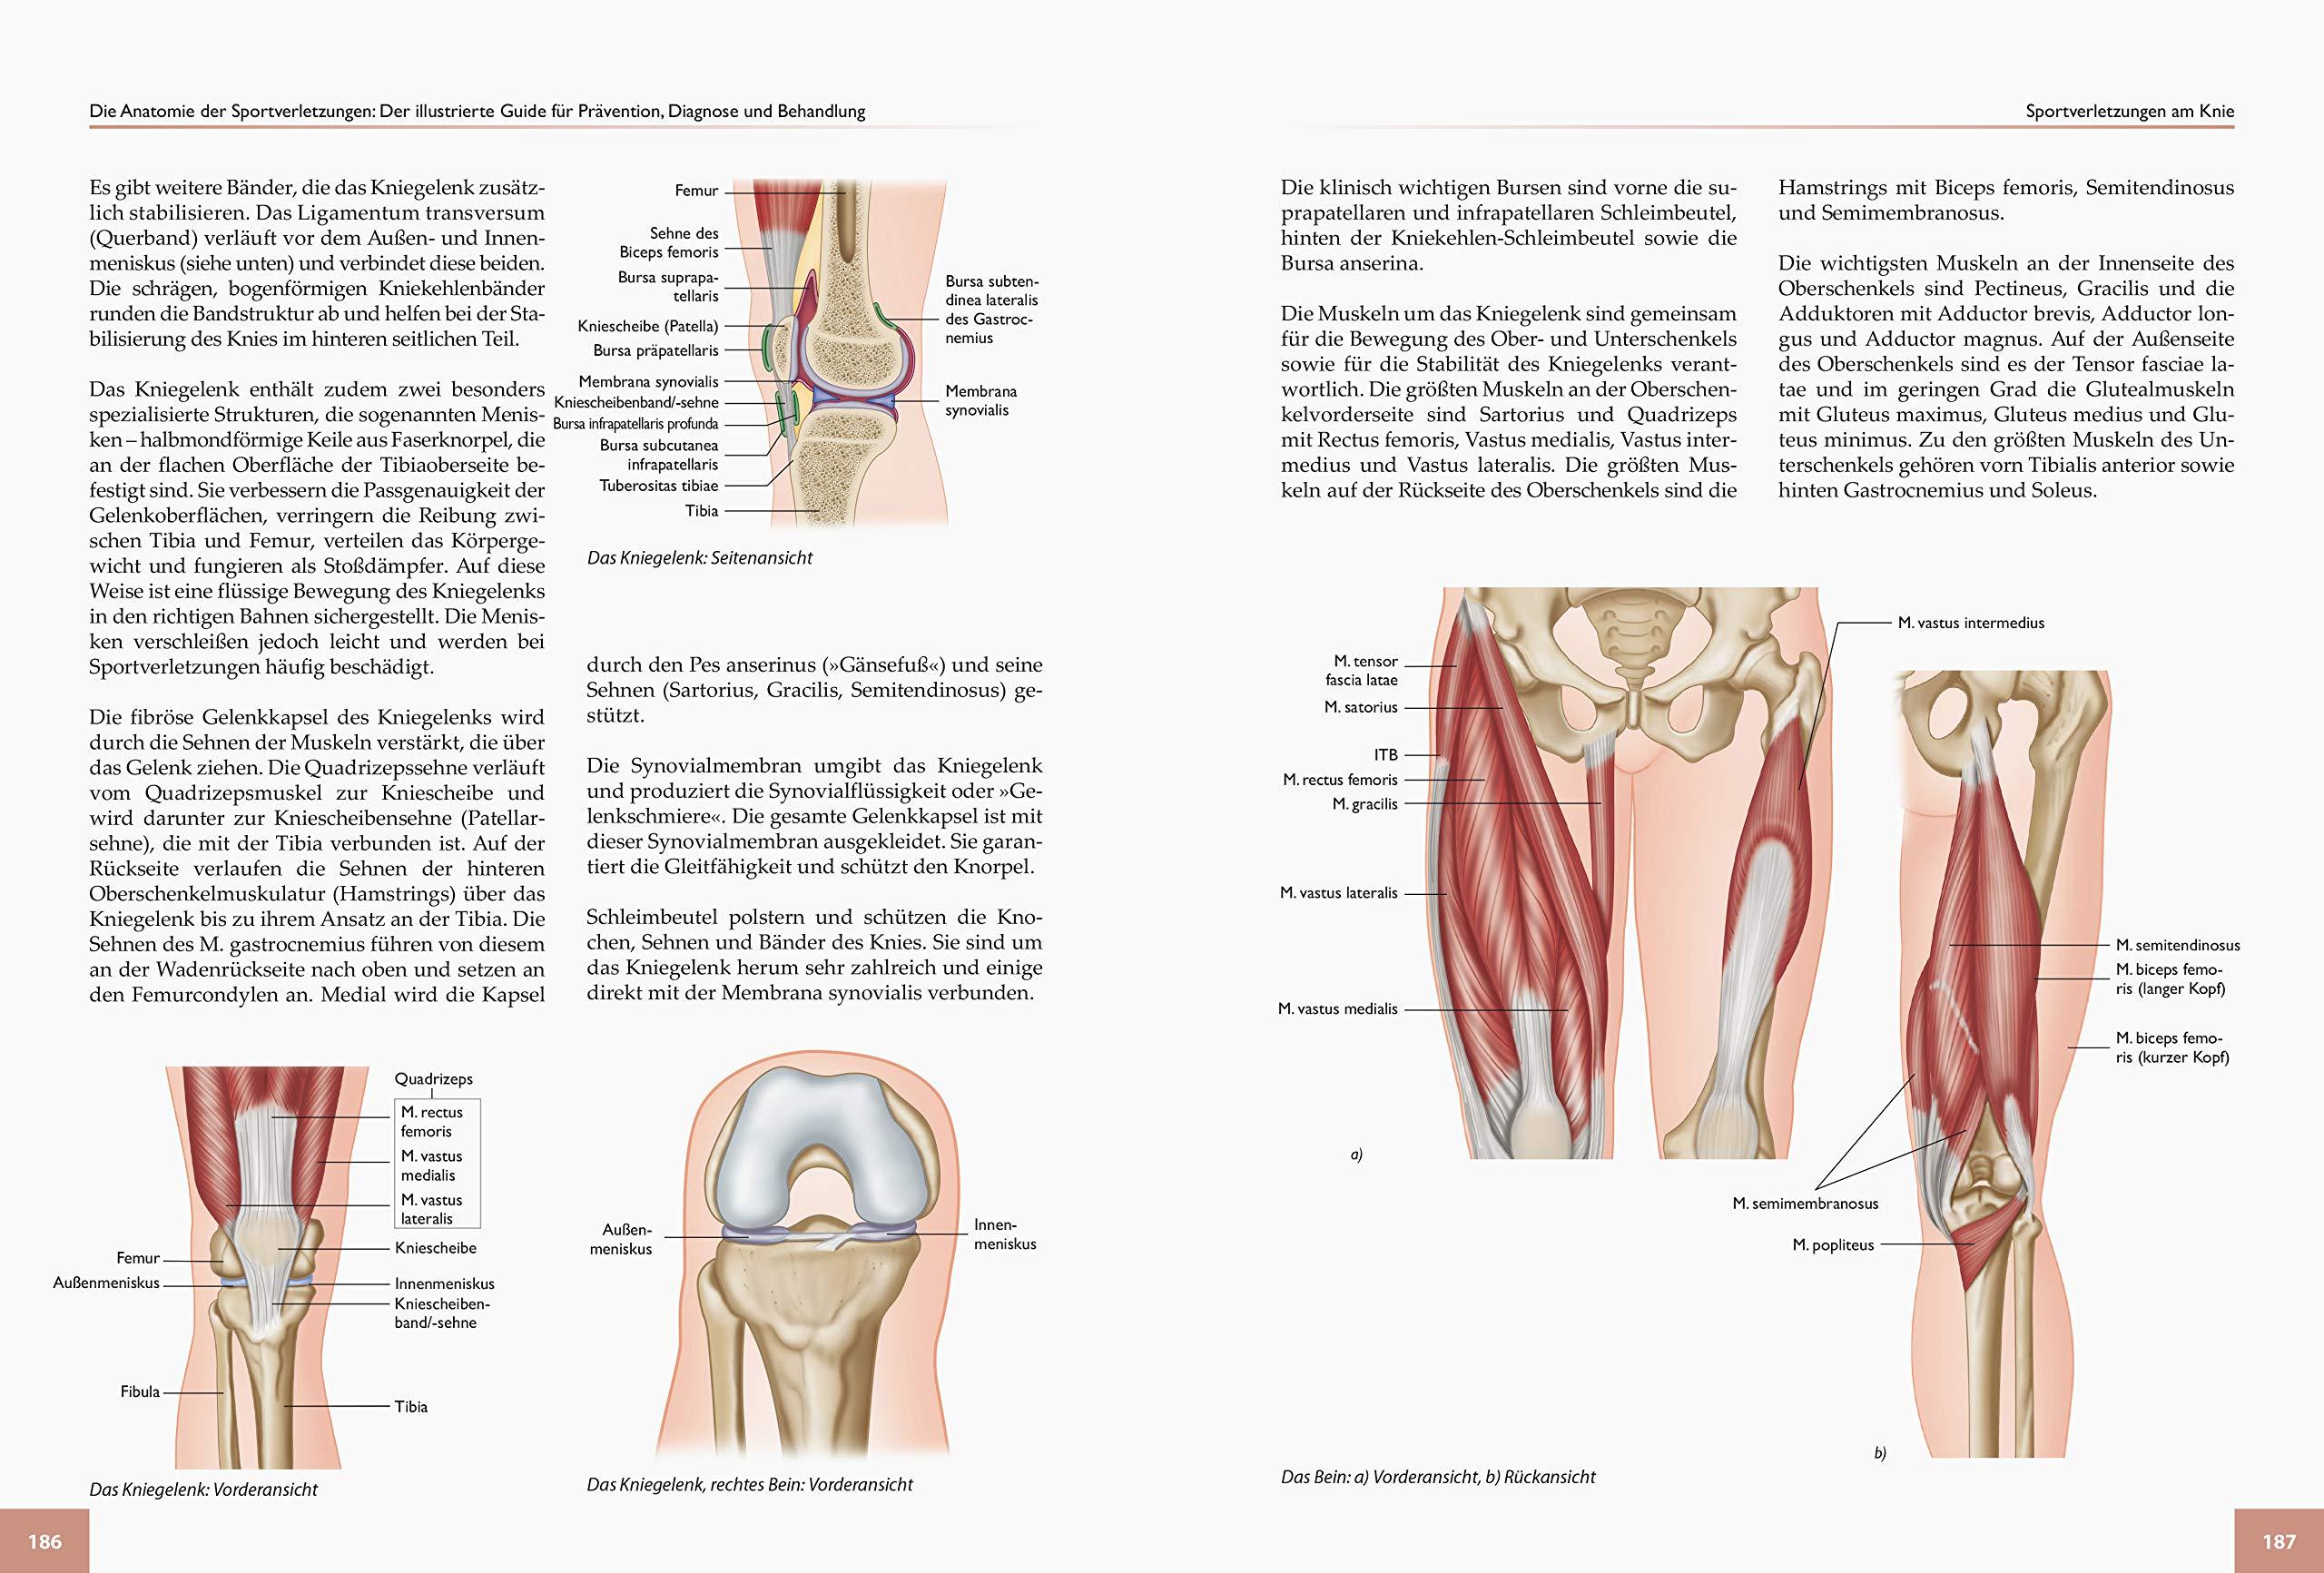 Akuter schmerzen von der innenseite des knies. Knieschmerzen • Das hilft gegen die Beschwerden